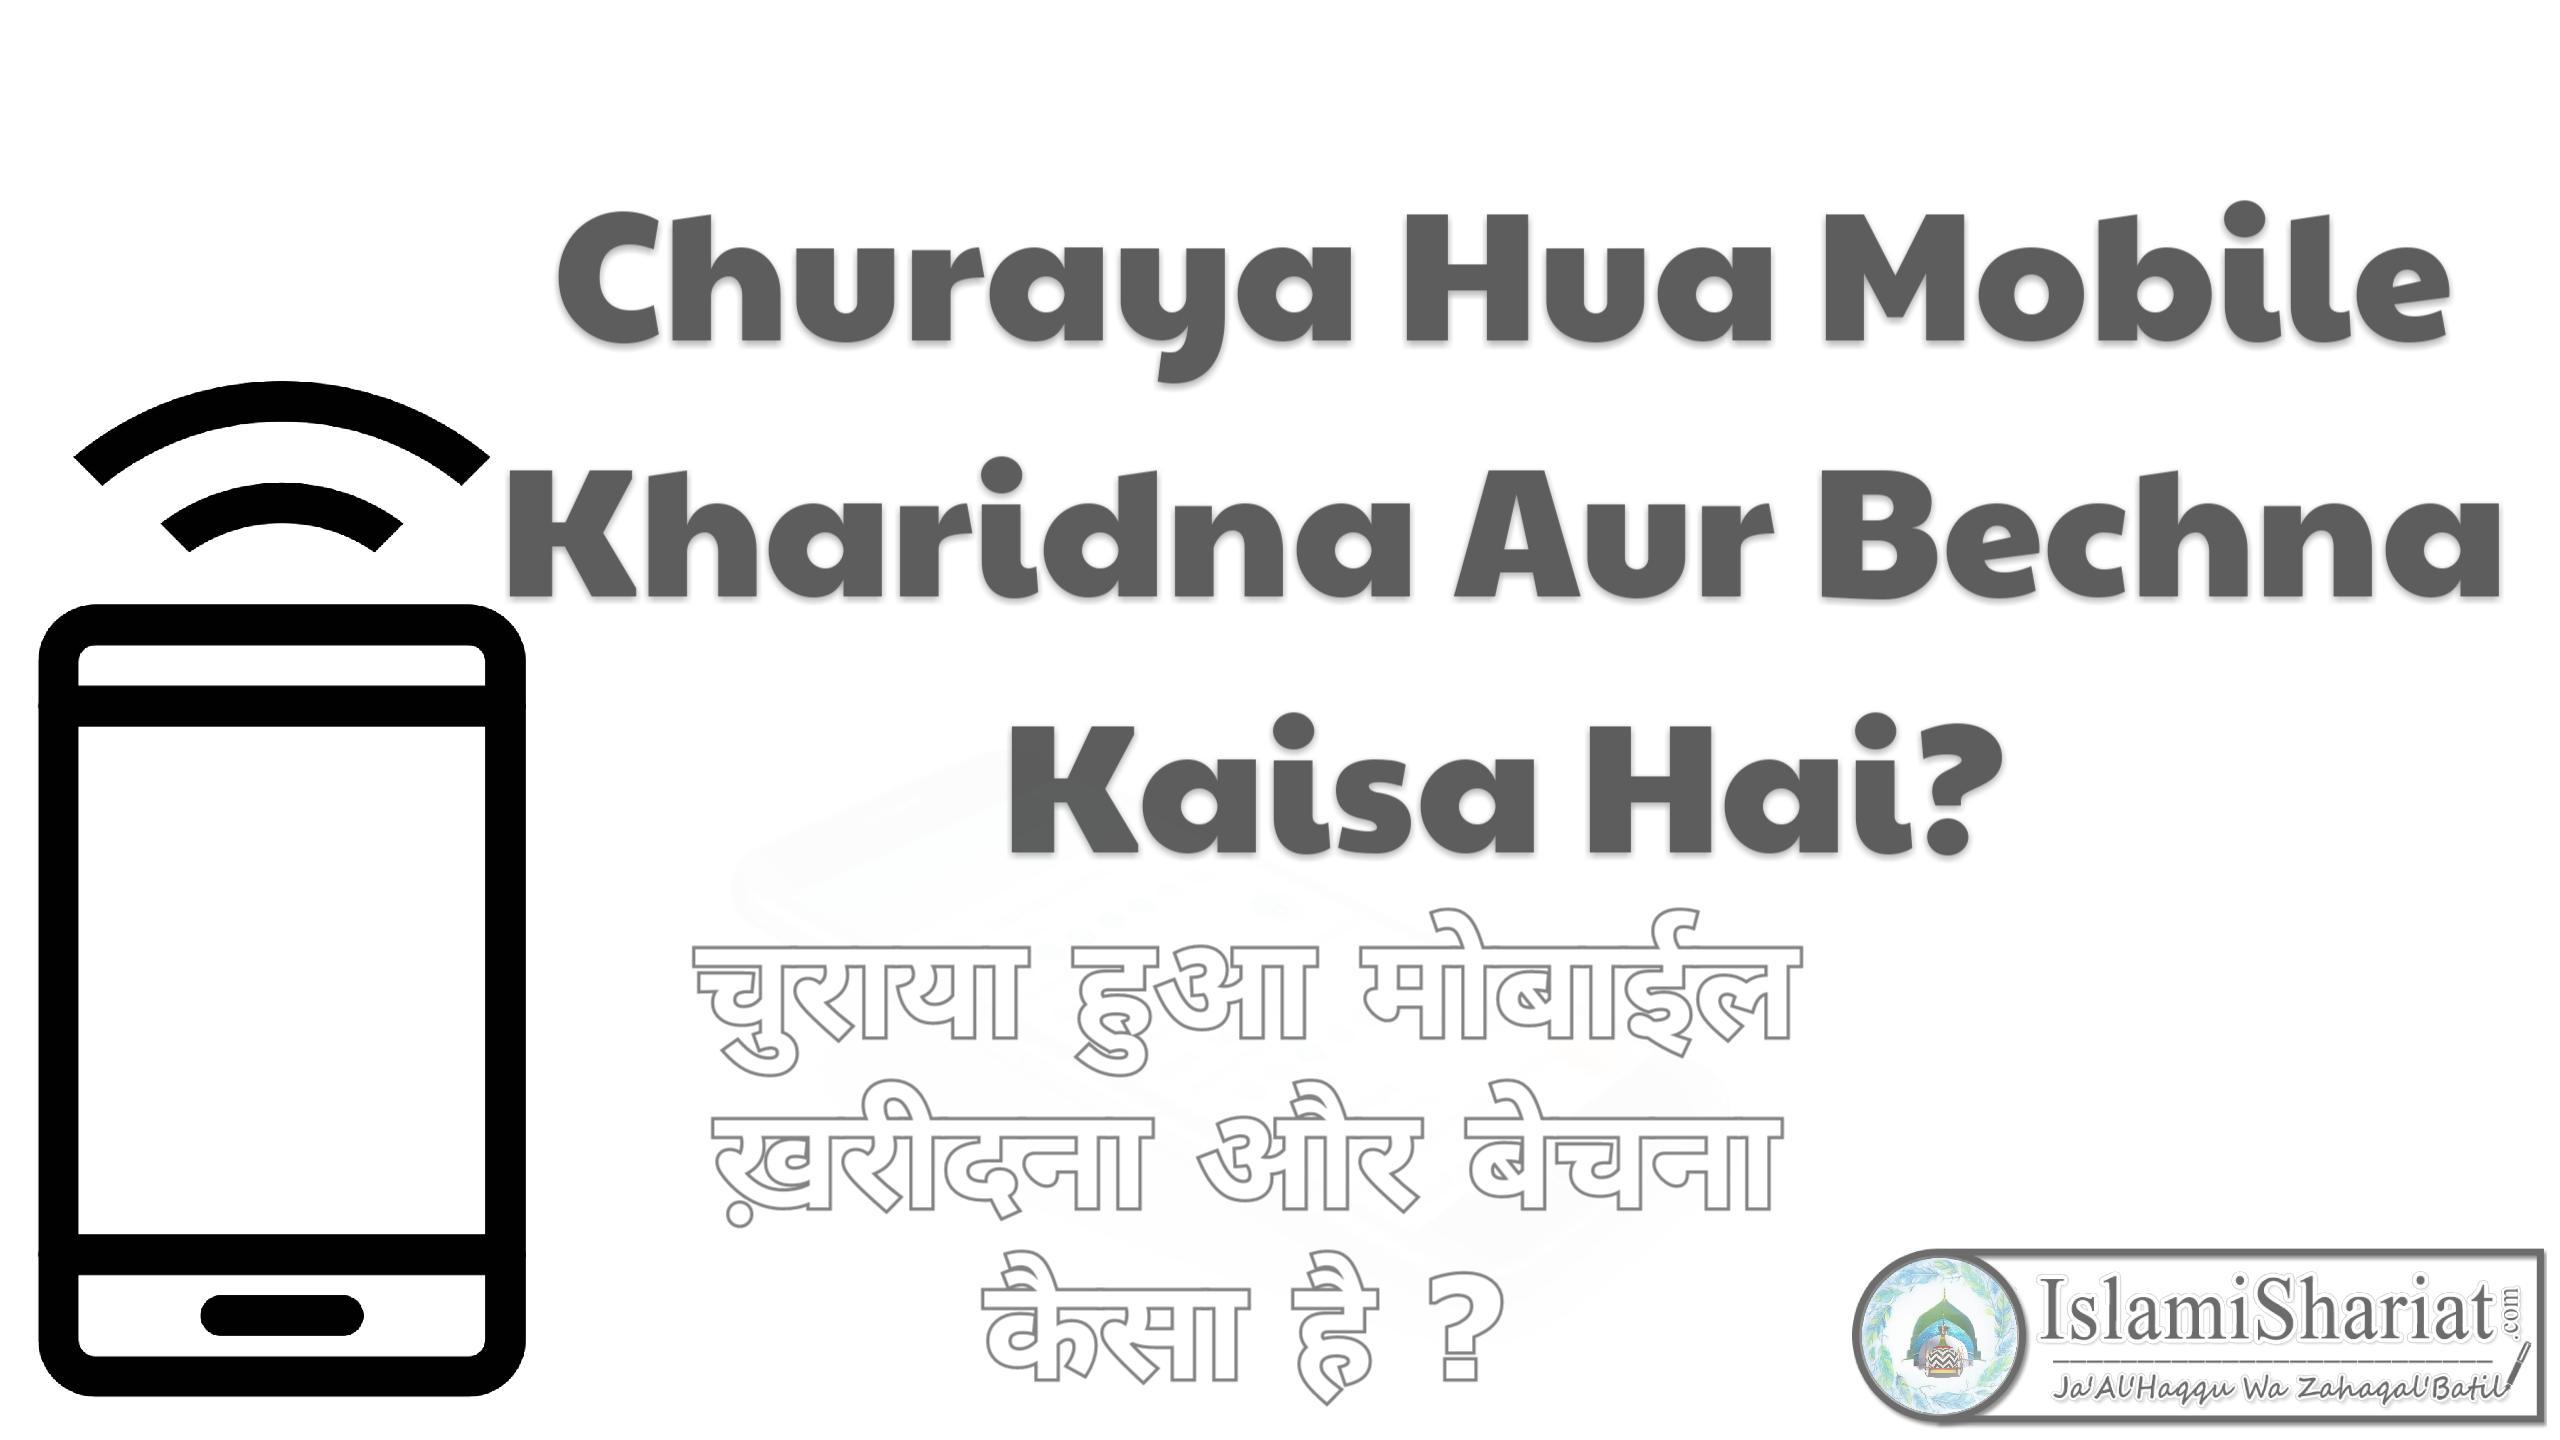 Churaya Hua Mobile Kharidna Aur Bechna Kaisa Hai?